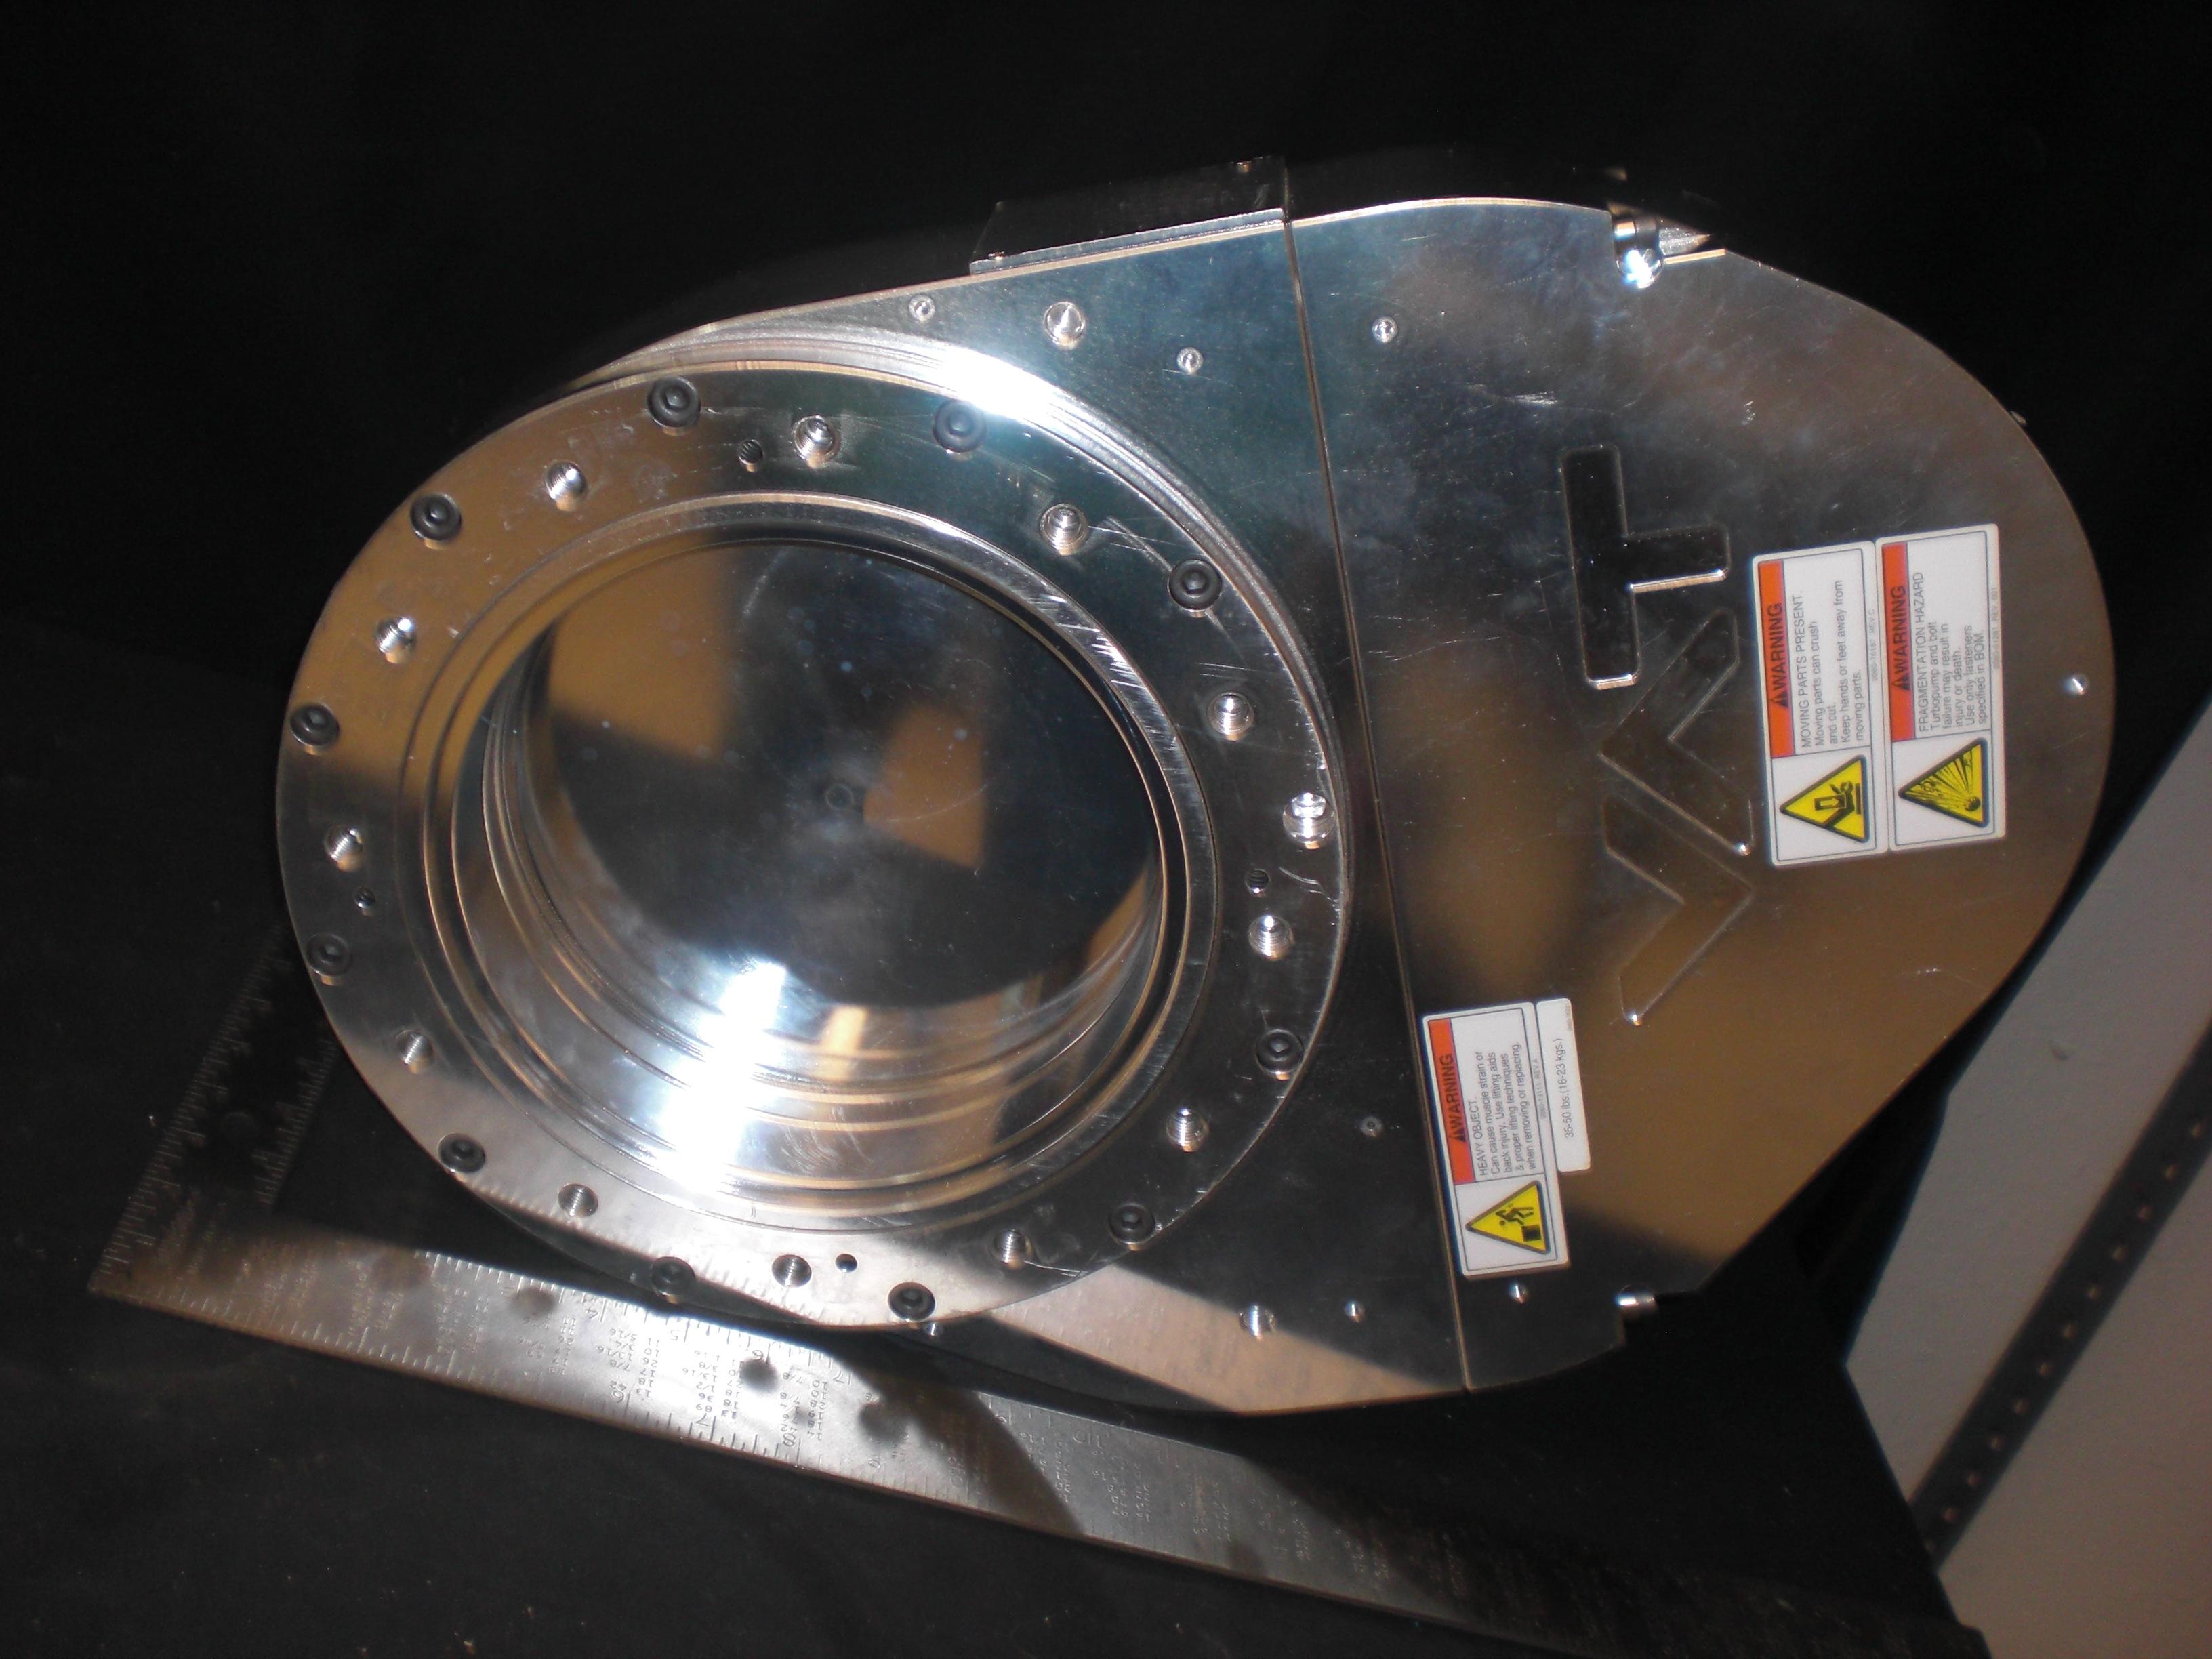 Valve Pendulum Valve ISO200 VAT 16546-PA21-AAE1 0346 AMAT 3870-00150